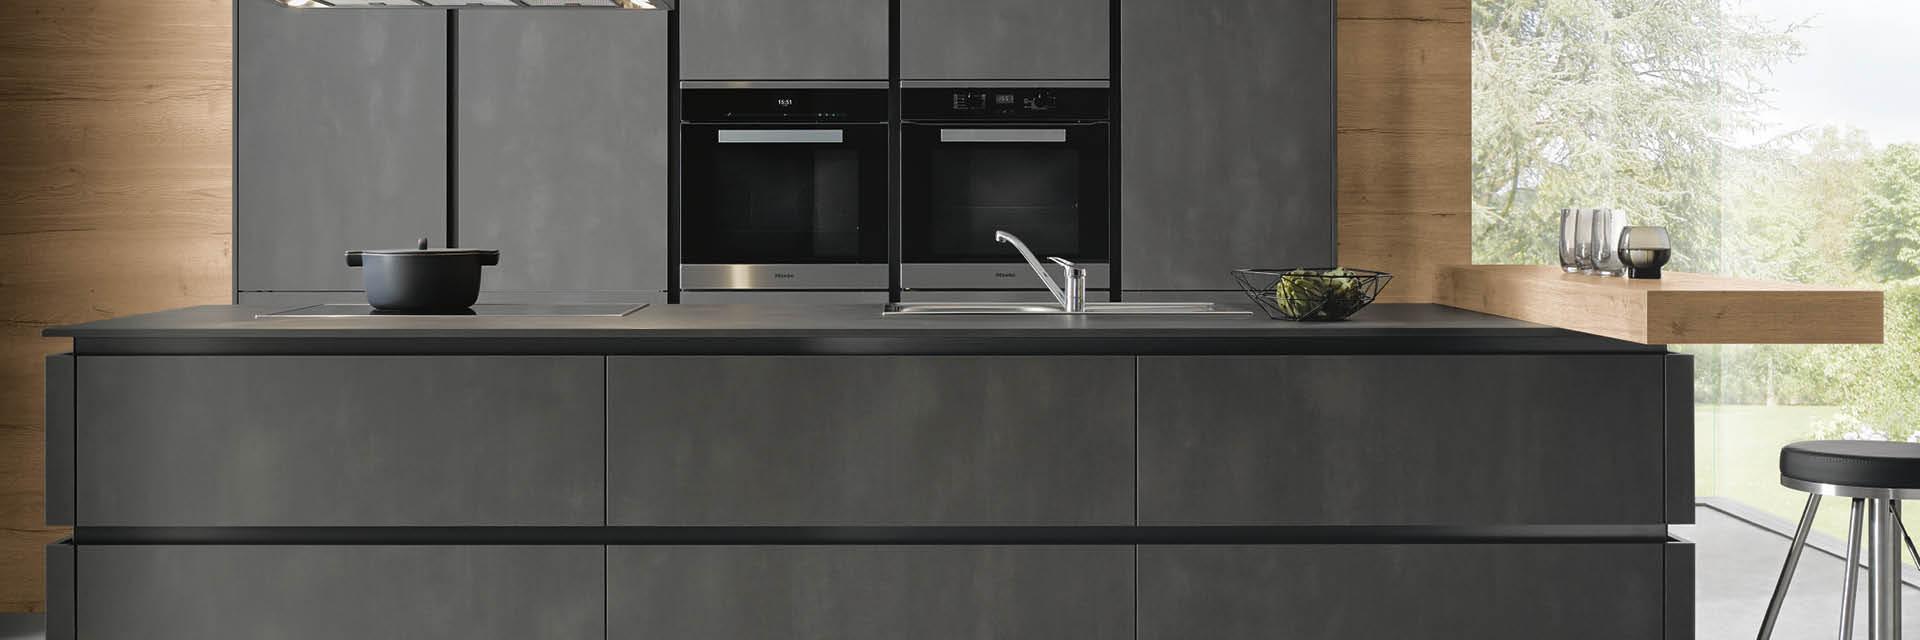 Wenn Küche zum Kunstobjekt wird - die offene Küche